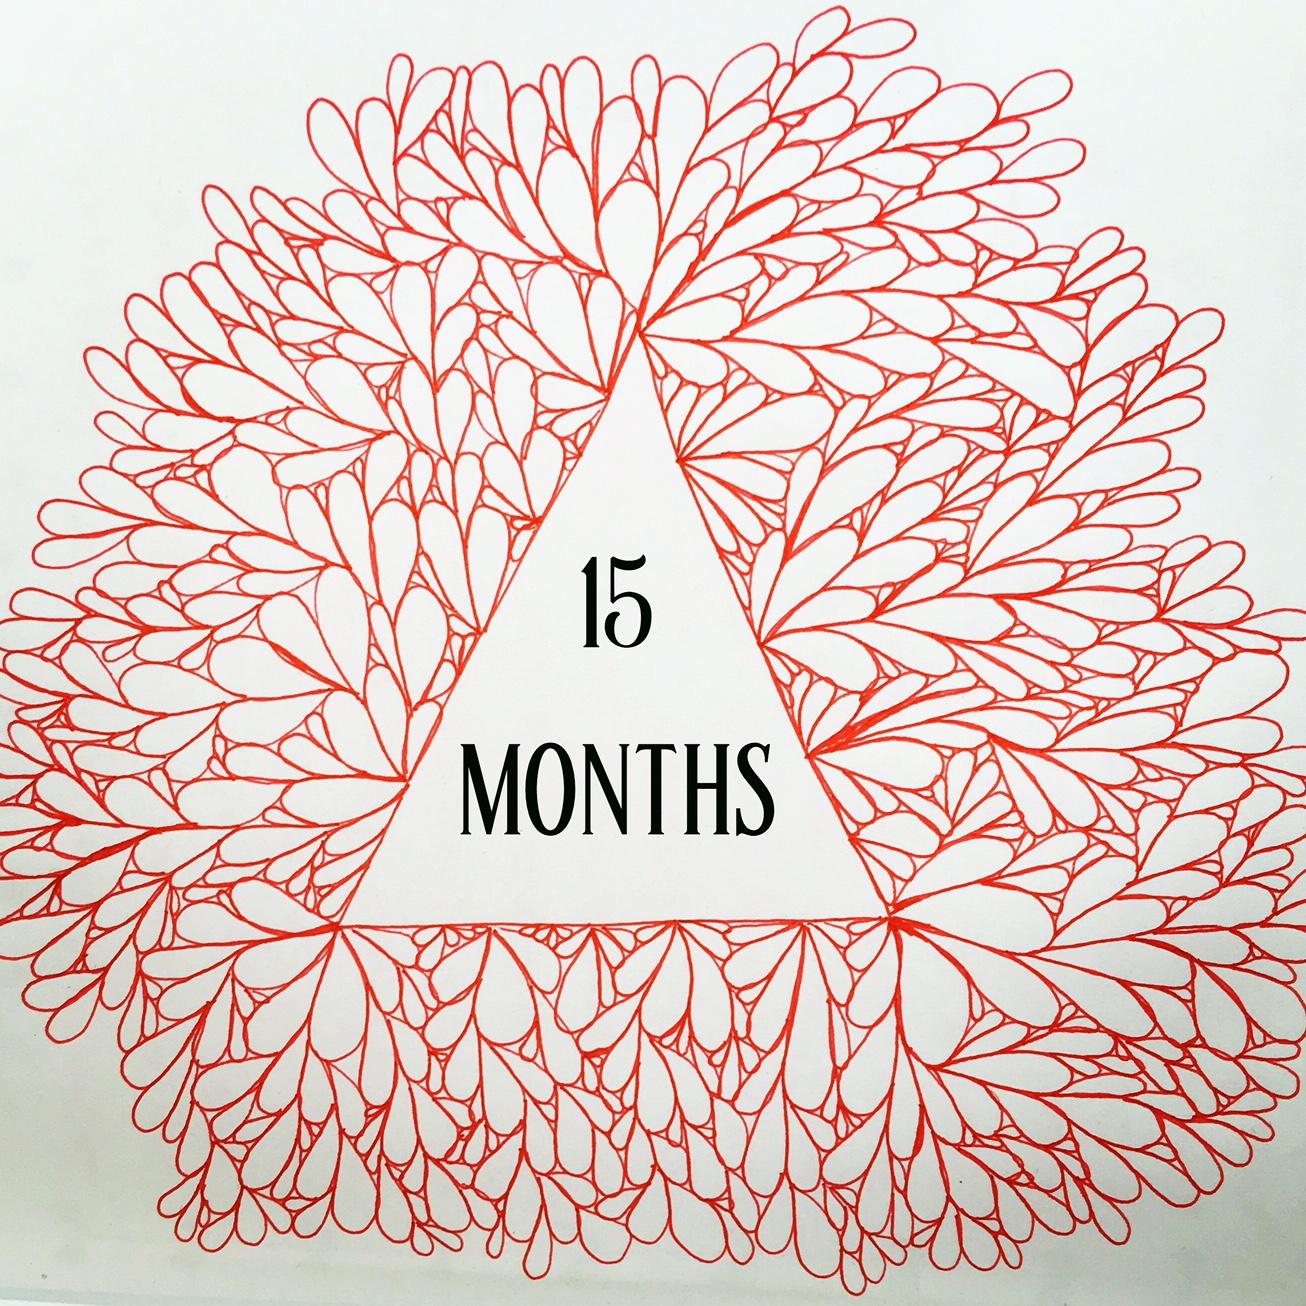 15 months.JPG